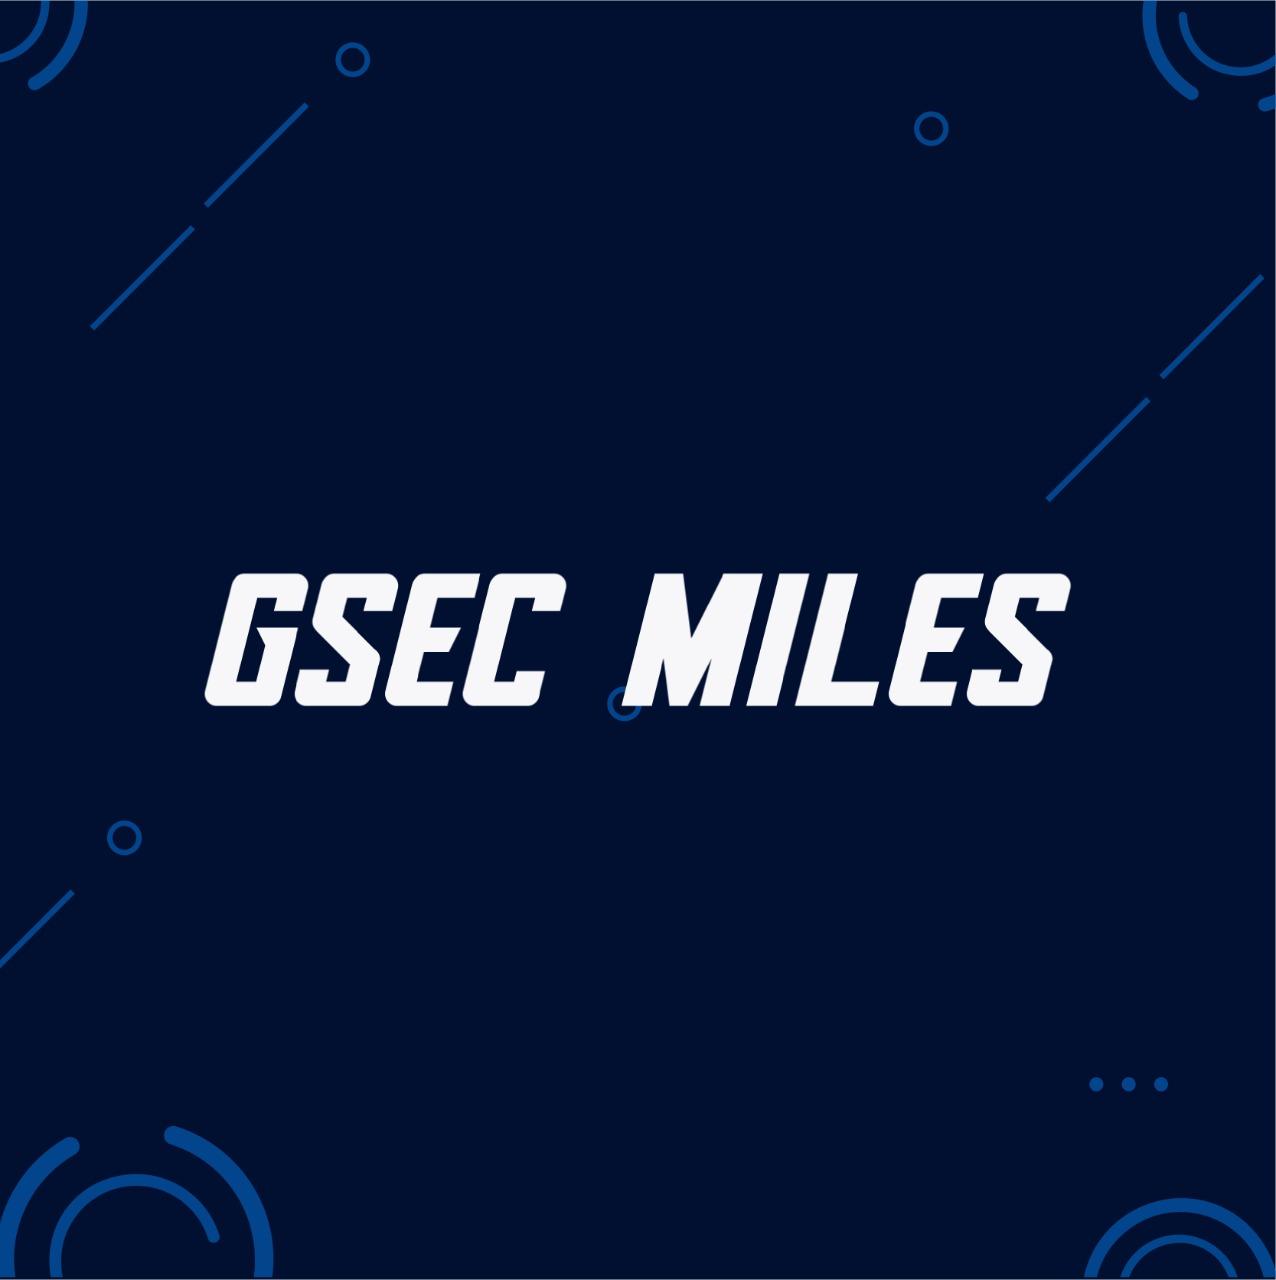 Gsec Miles